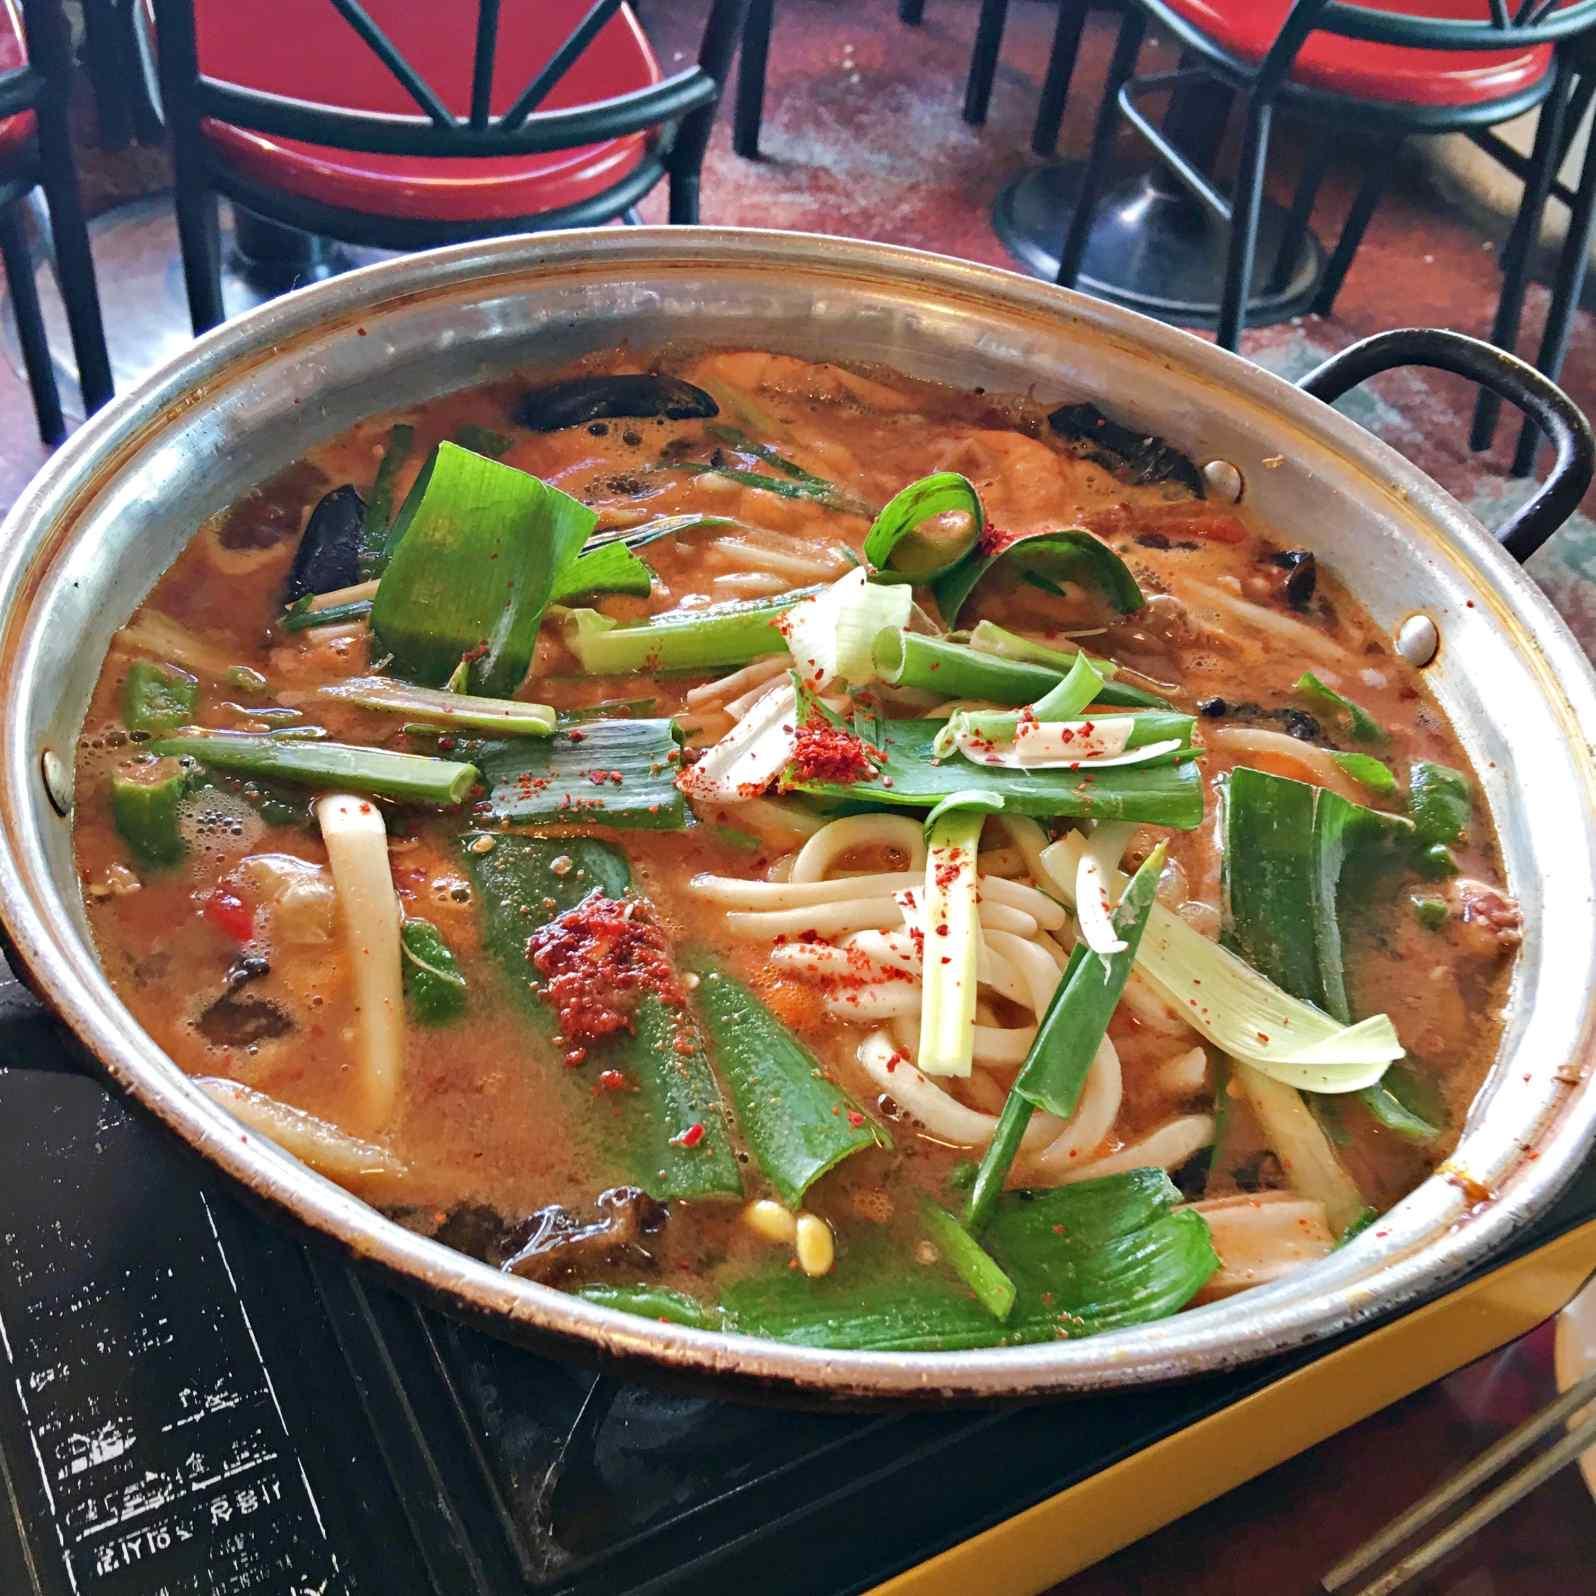 小編點了套餐C,還有一鍋海鮮湯麵,這鍋會辣,但也是辣的恰到好處。